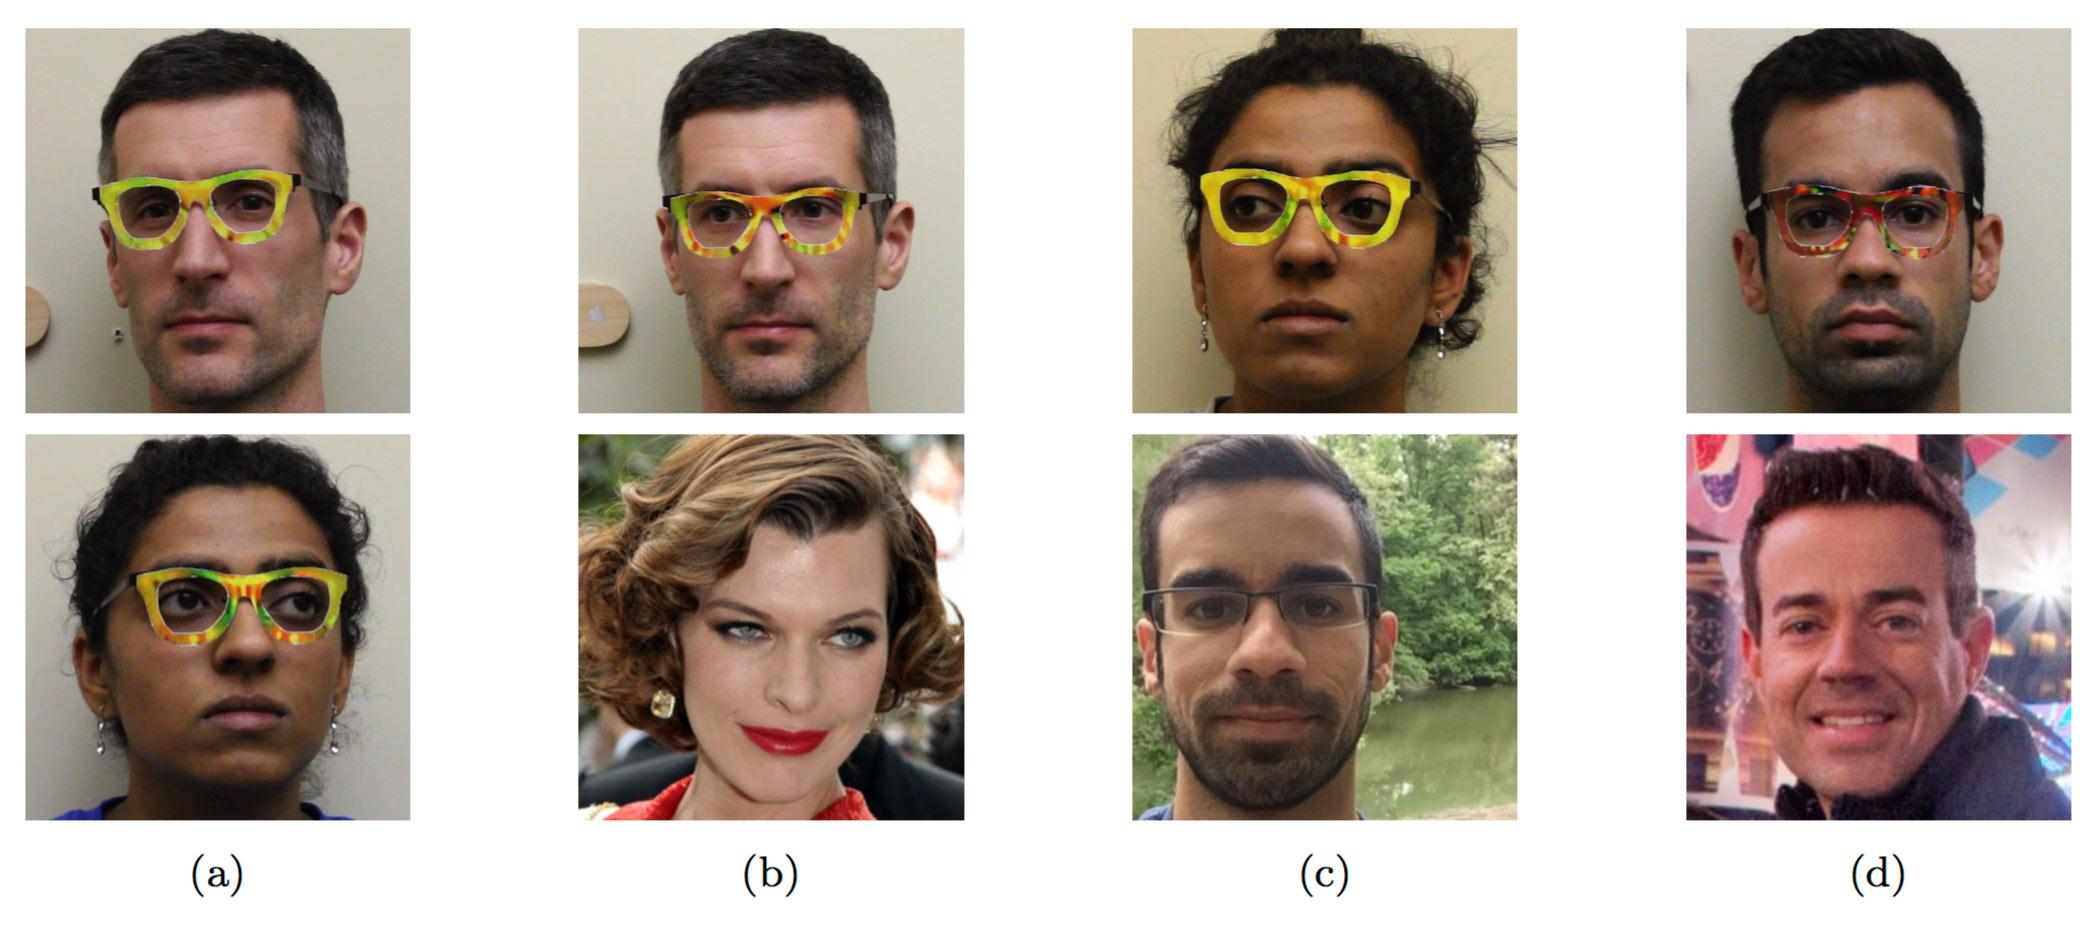 bunte-brille-anti-gesichtserkennung